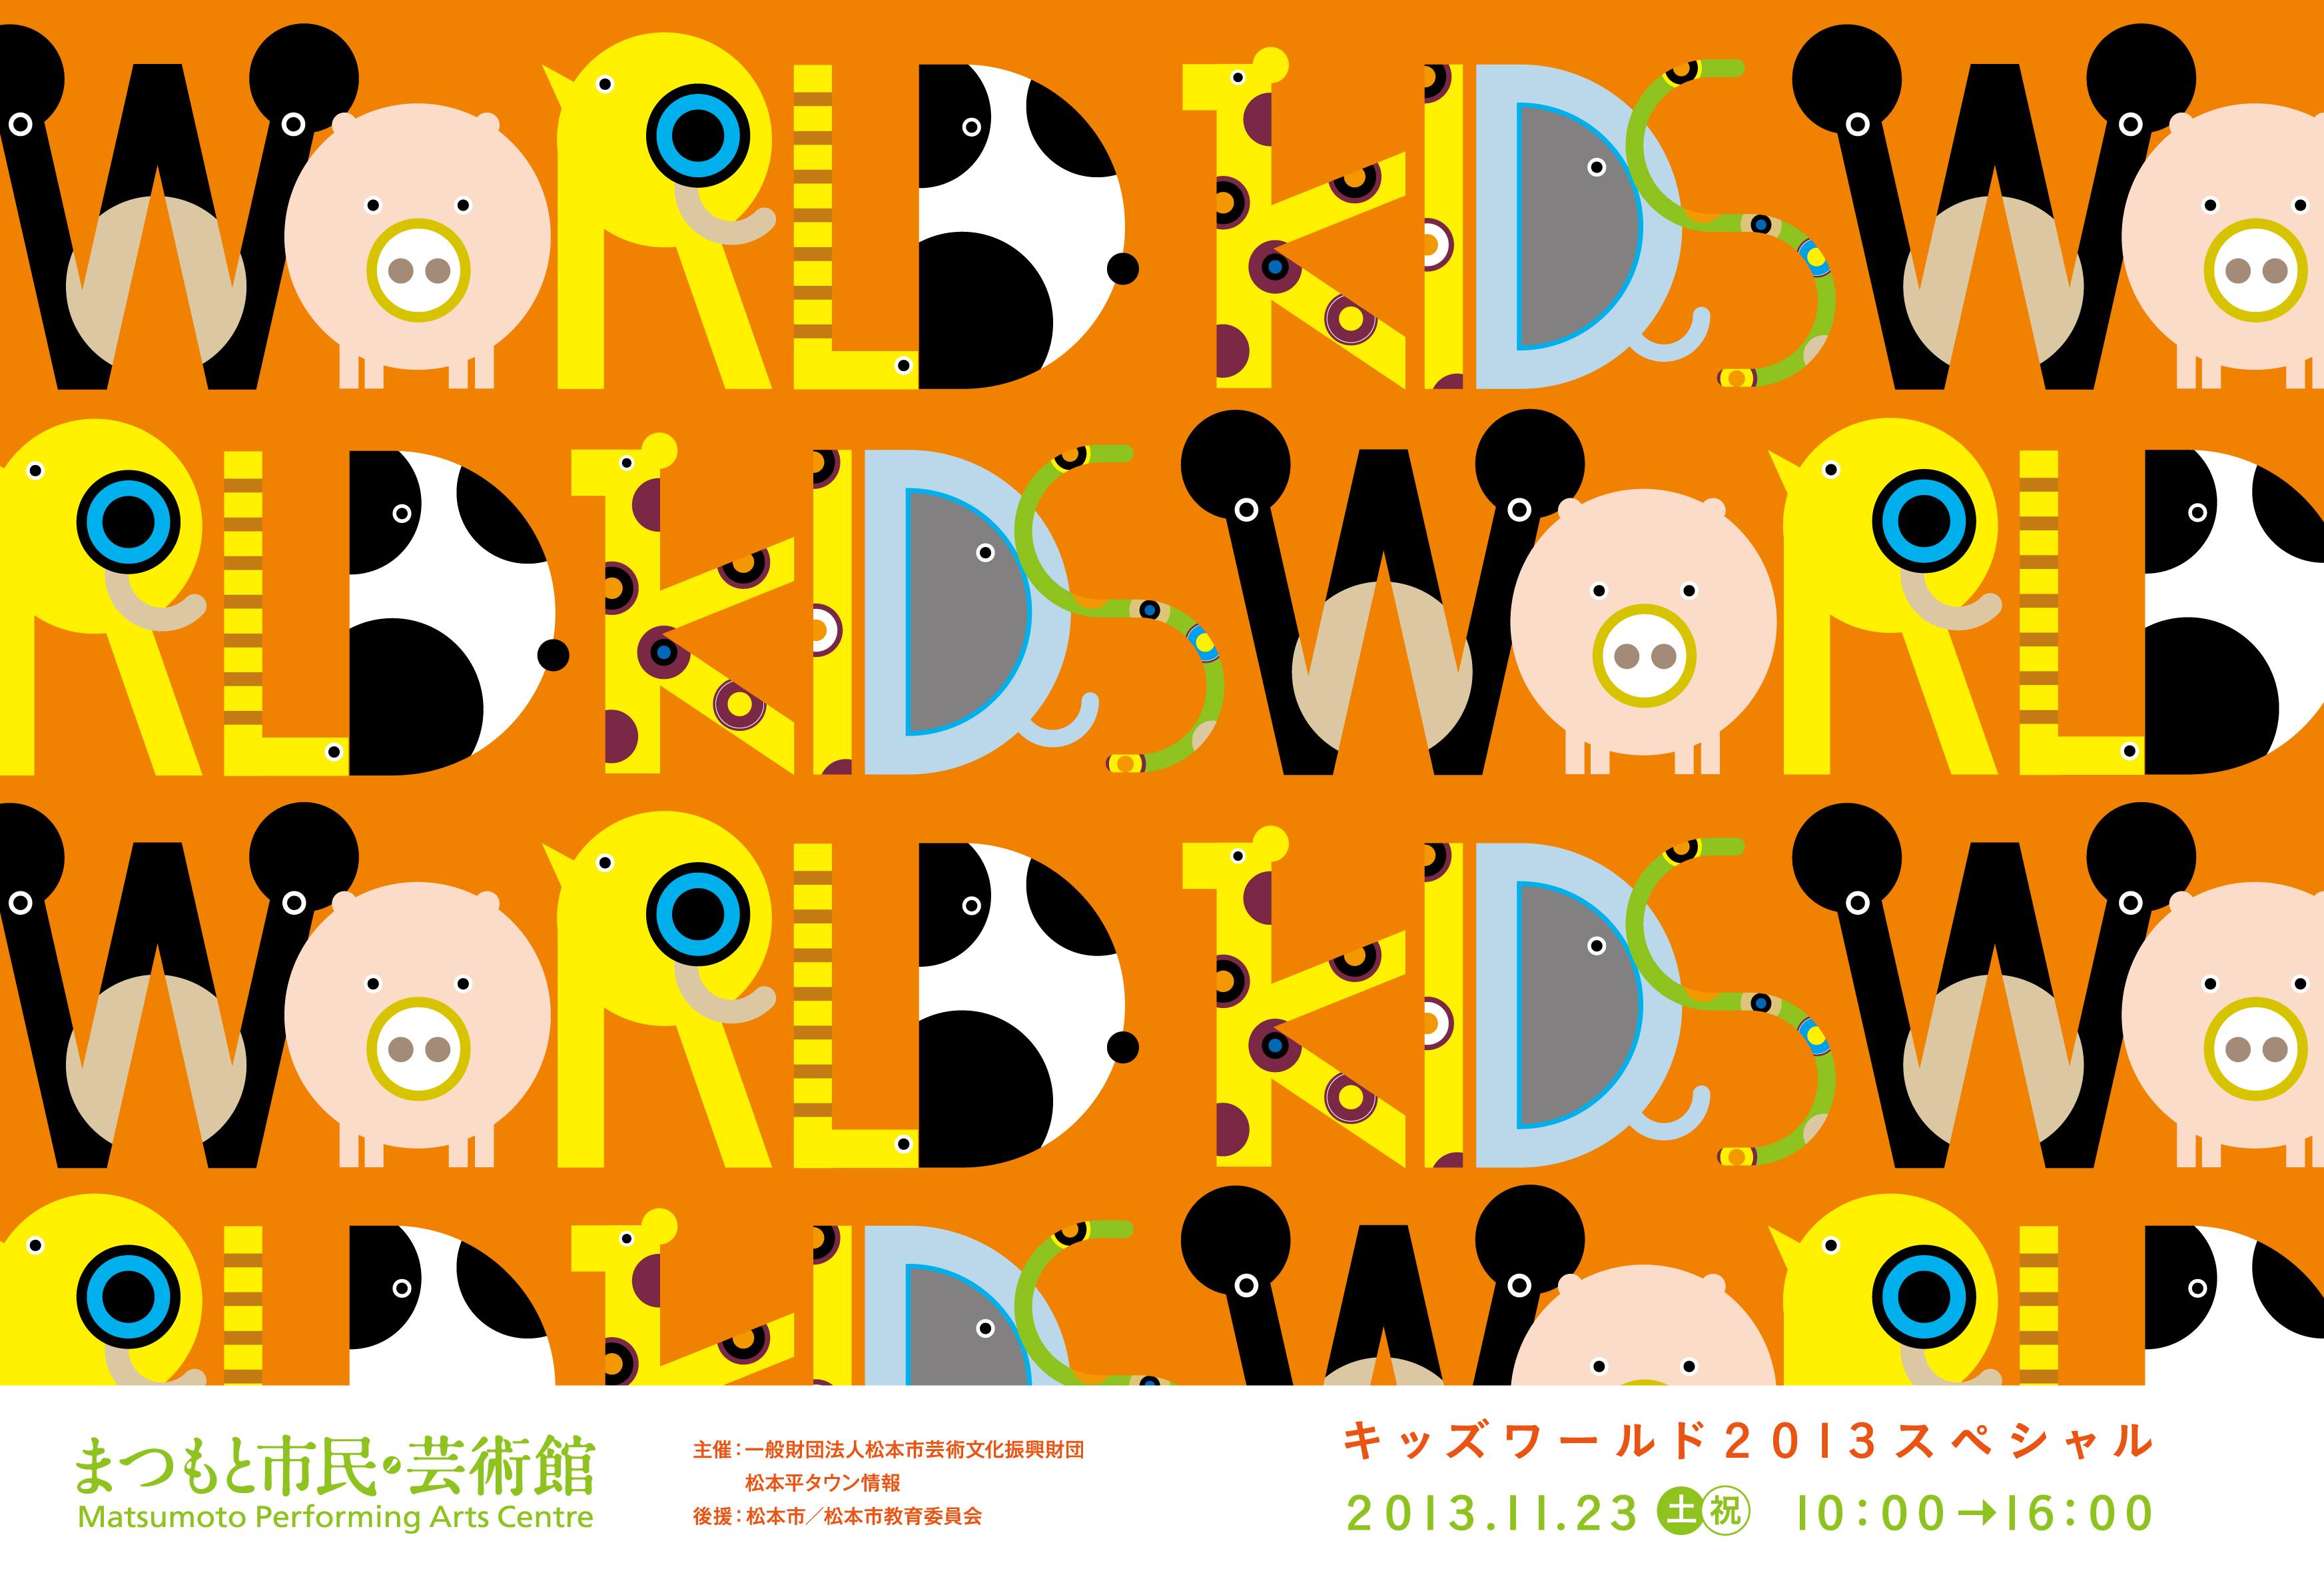 集まれ!キッズワールド 2013 スペシャル